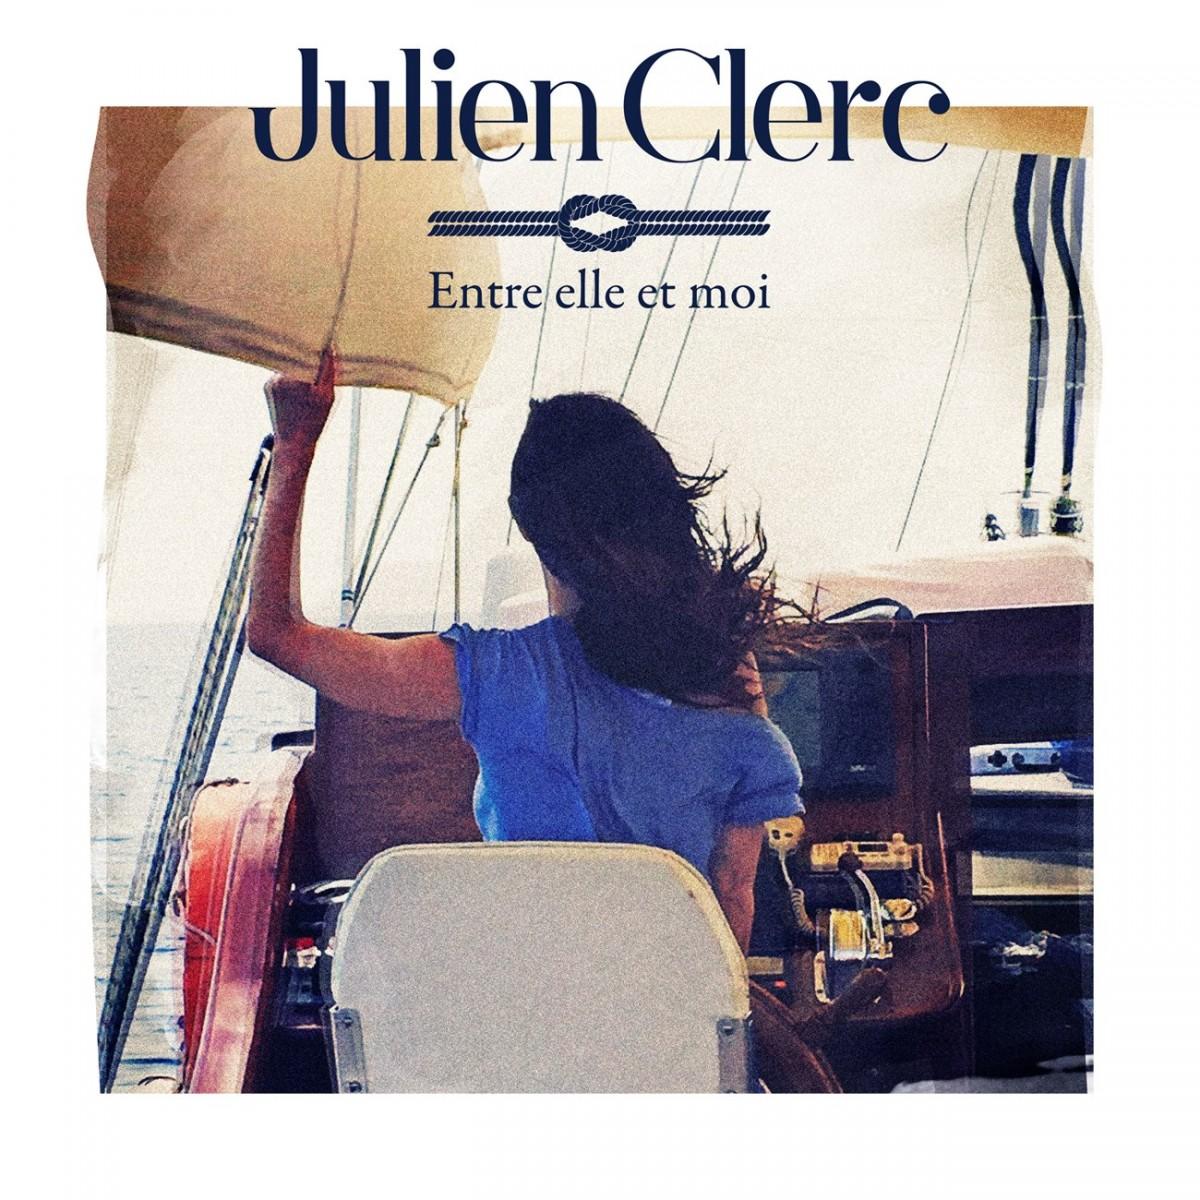 Julien Clerc - Entre elle et moi